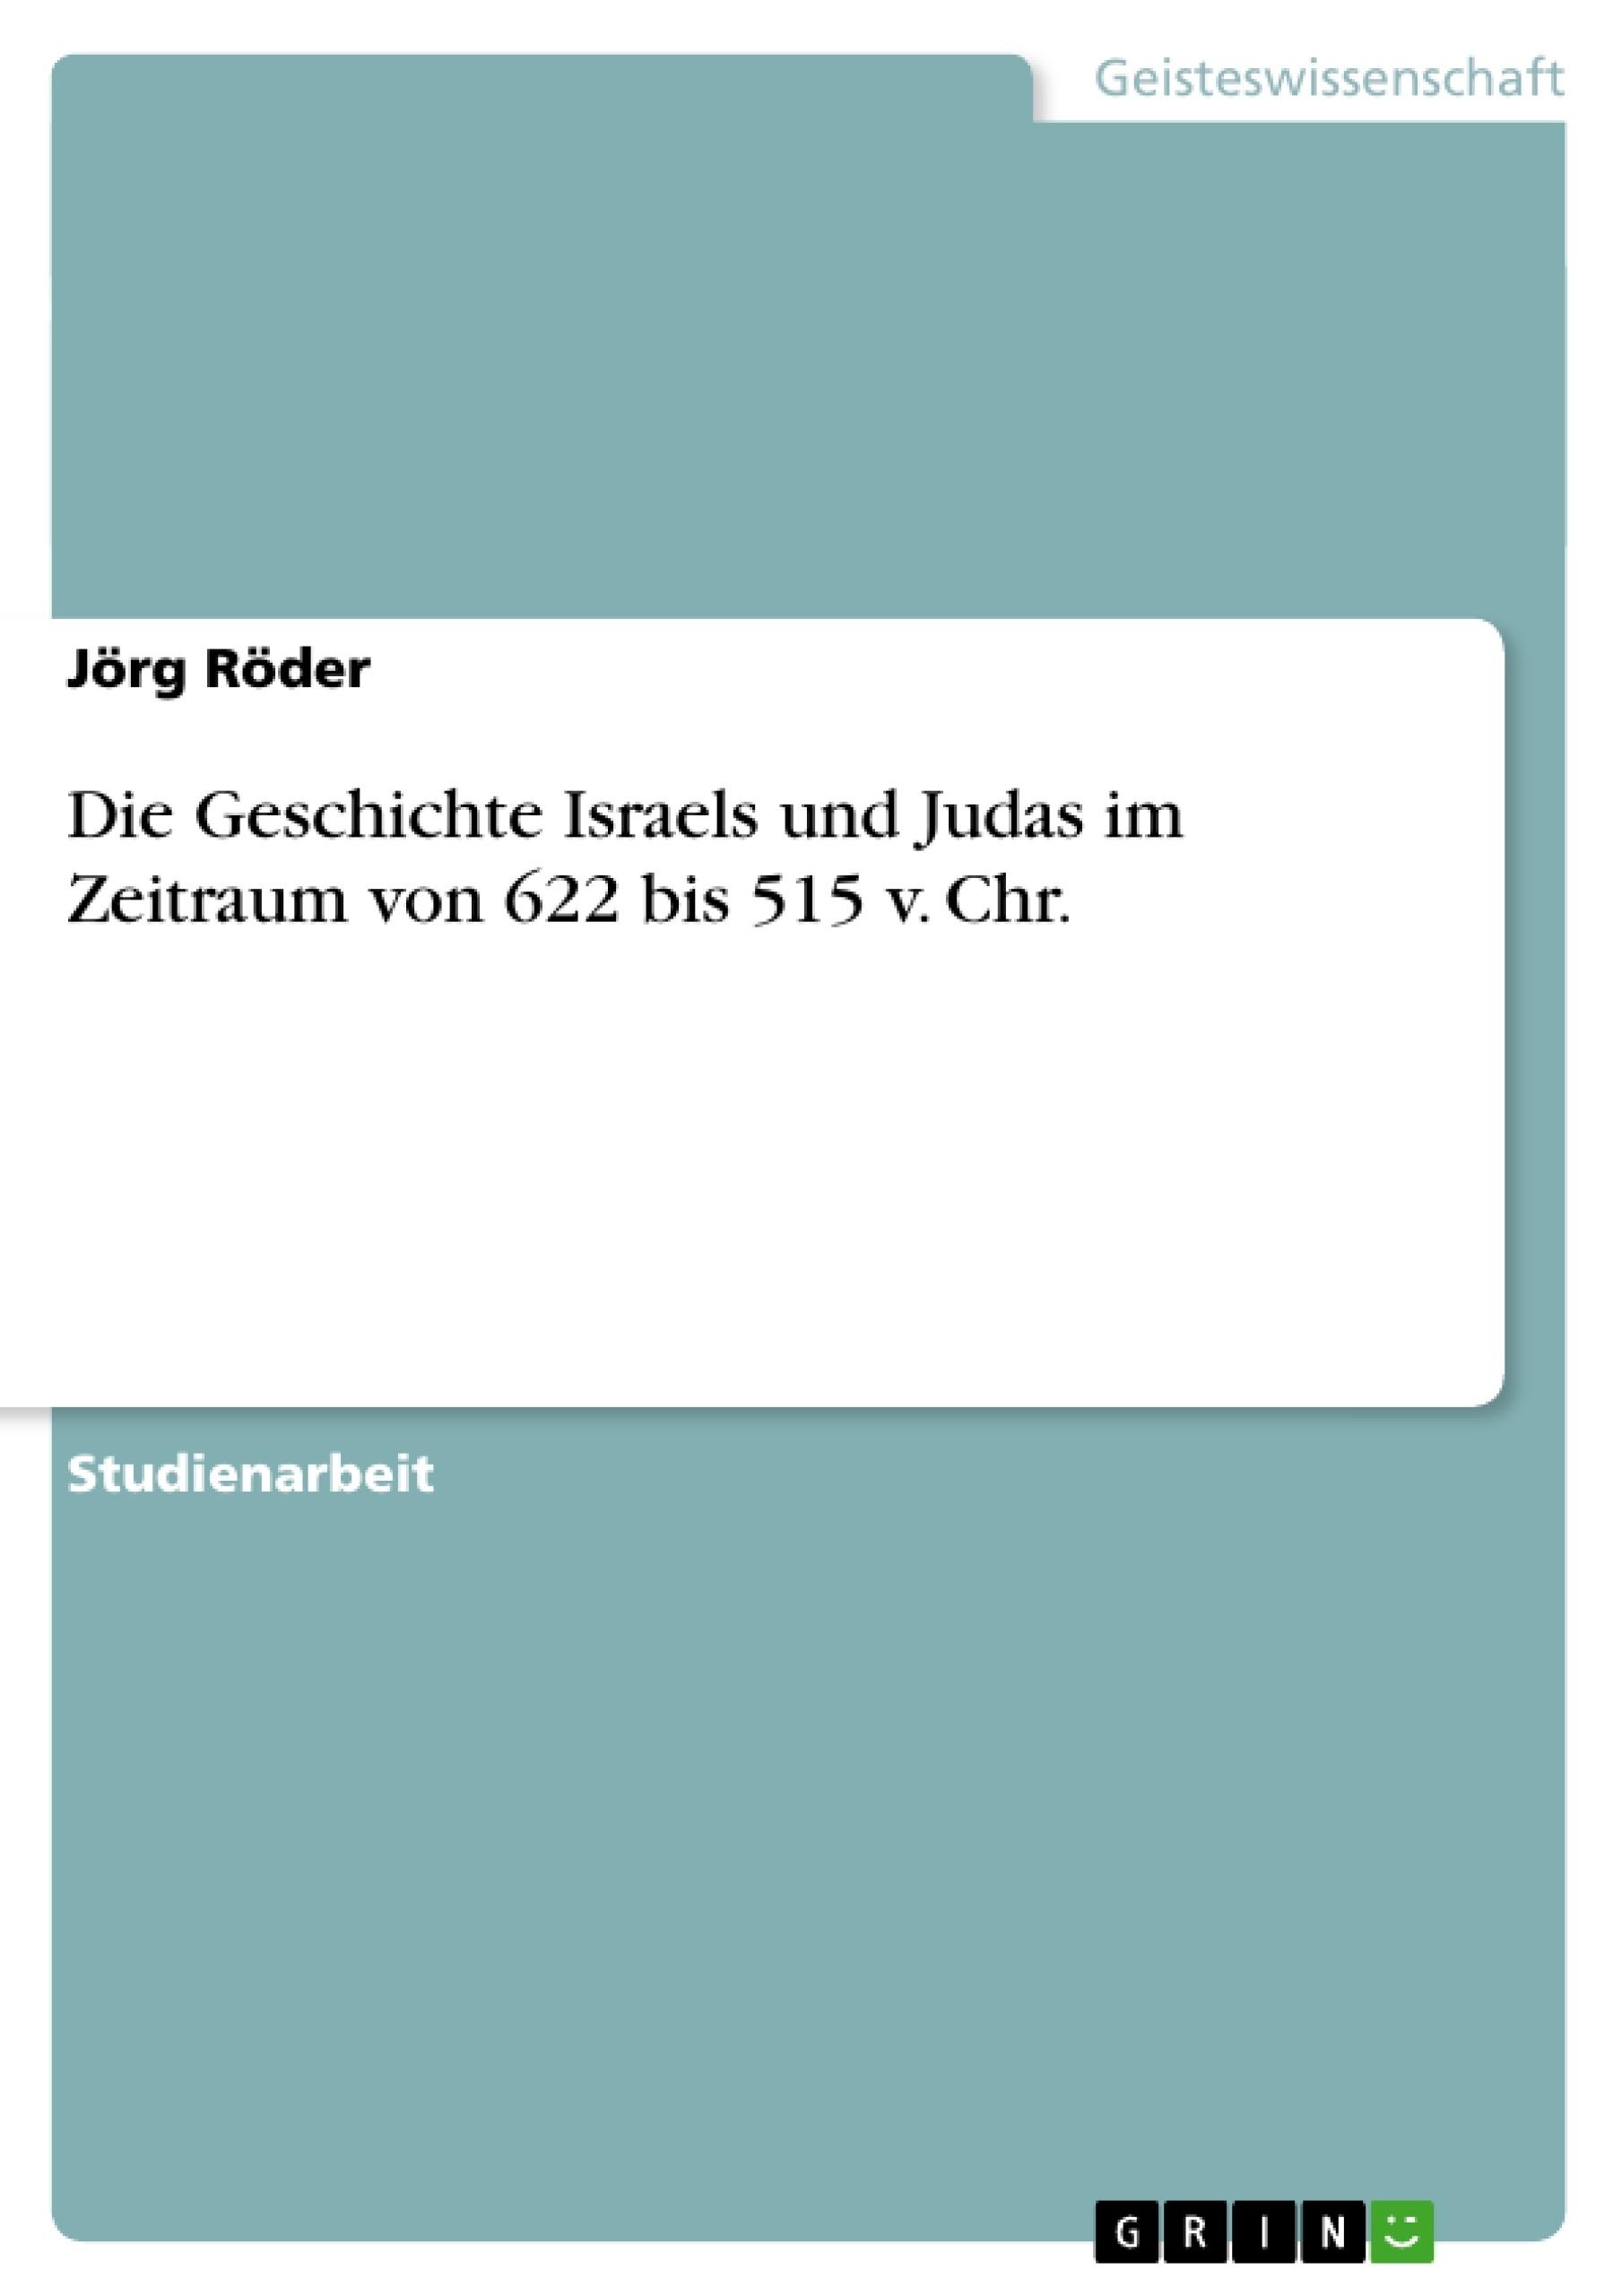 Titel: Die Geschichte Israels und Judas im Zeitraum von 622 bis 515 v. Chr.